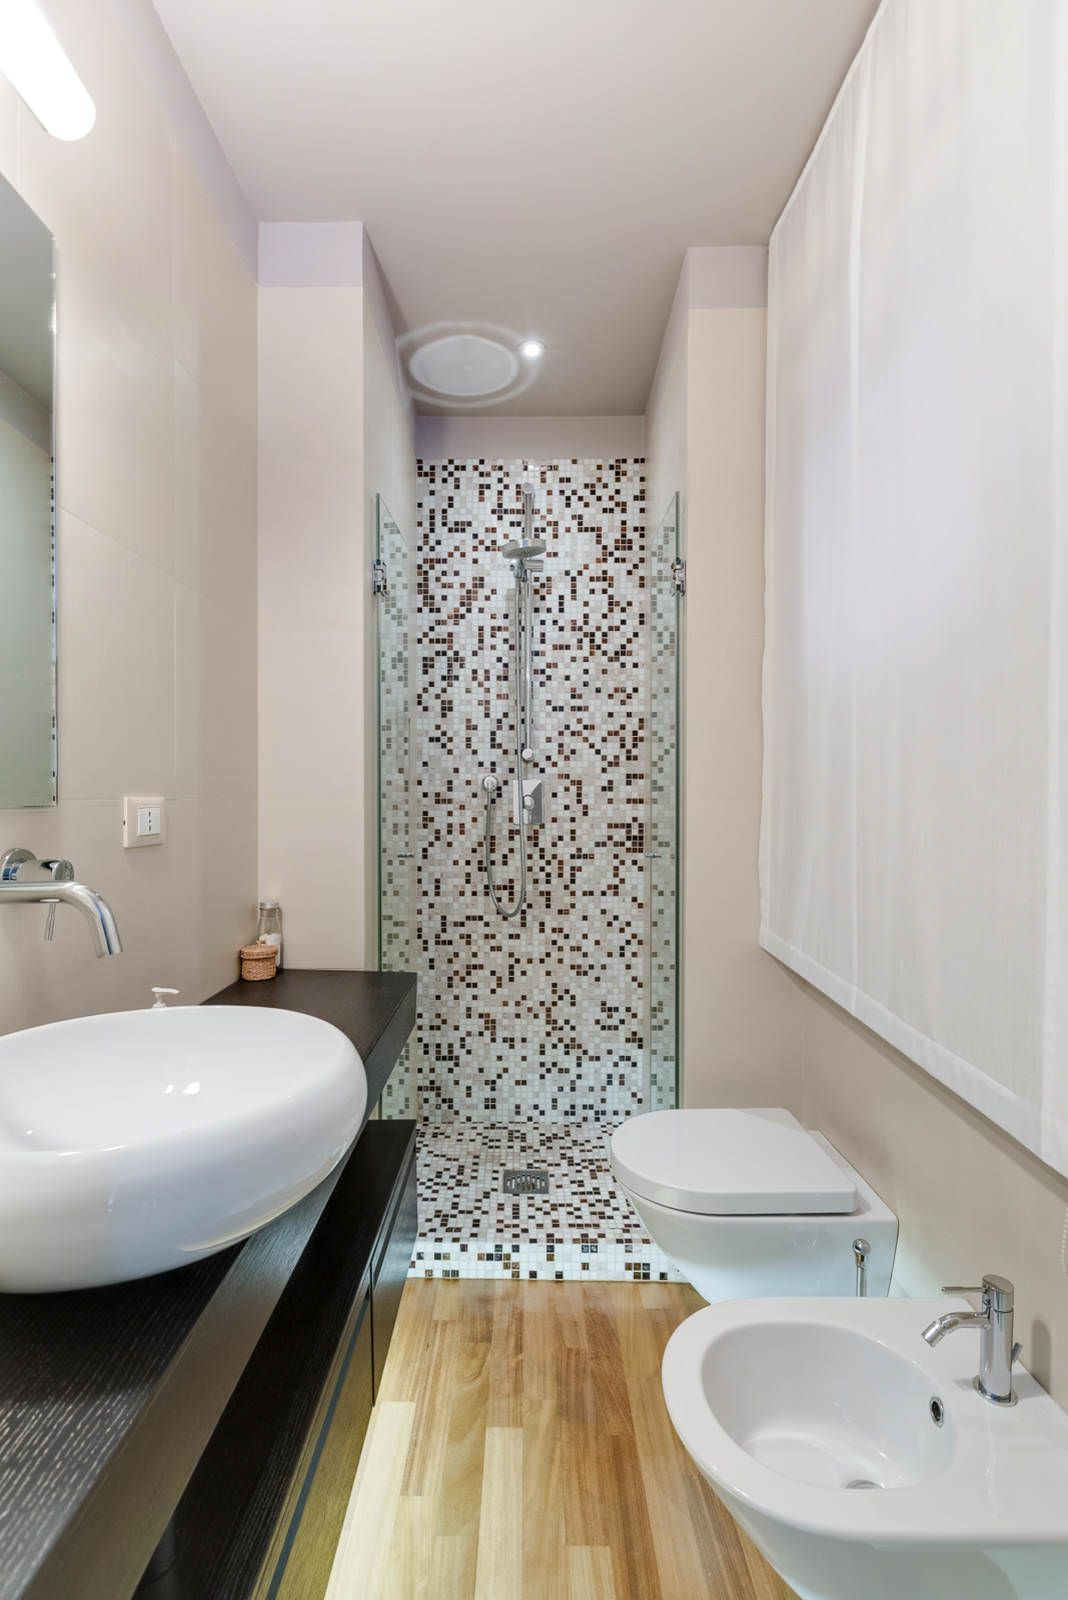 Mosaico bagno 100 idee per rivestire con stile bagni - Bagni bellissimi moderni ...